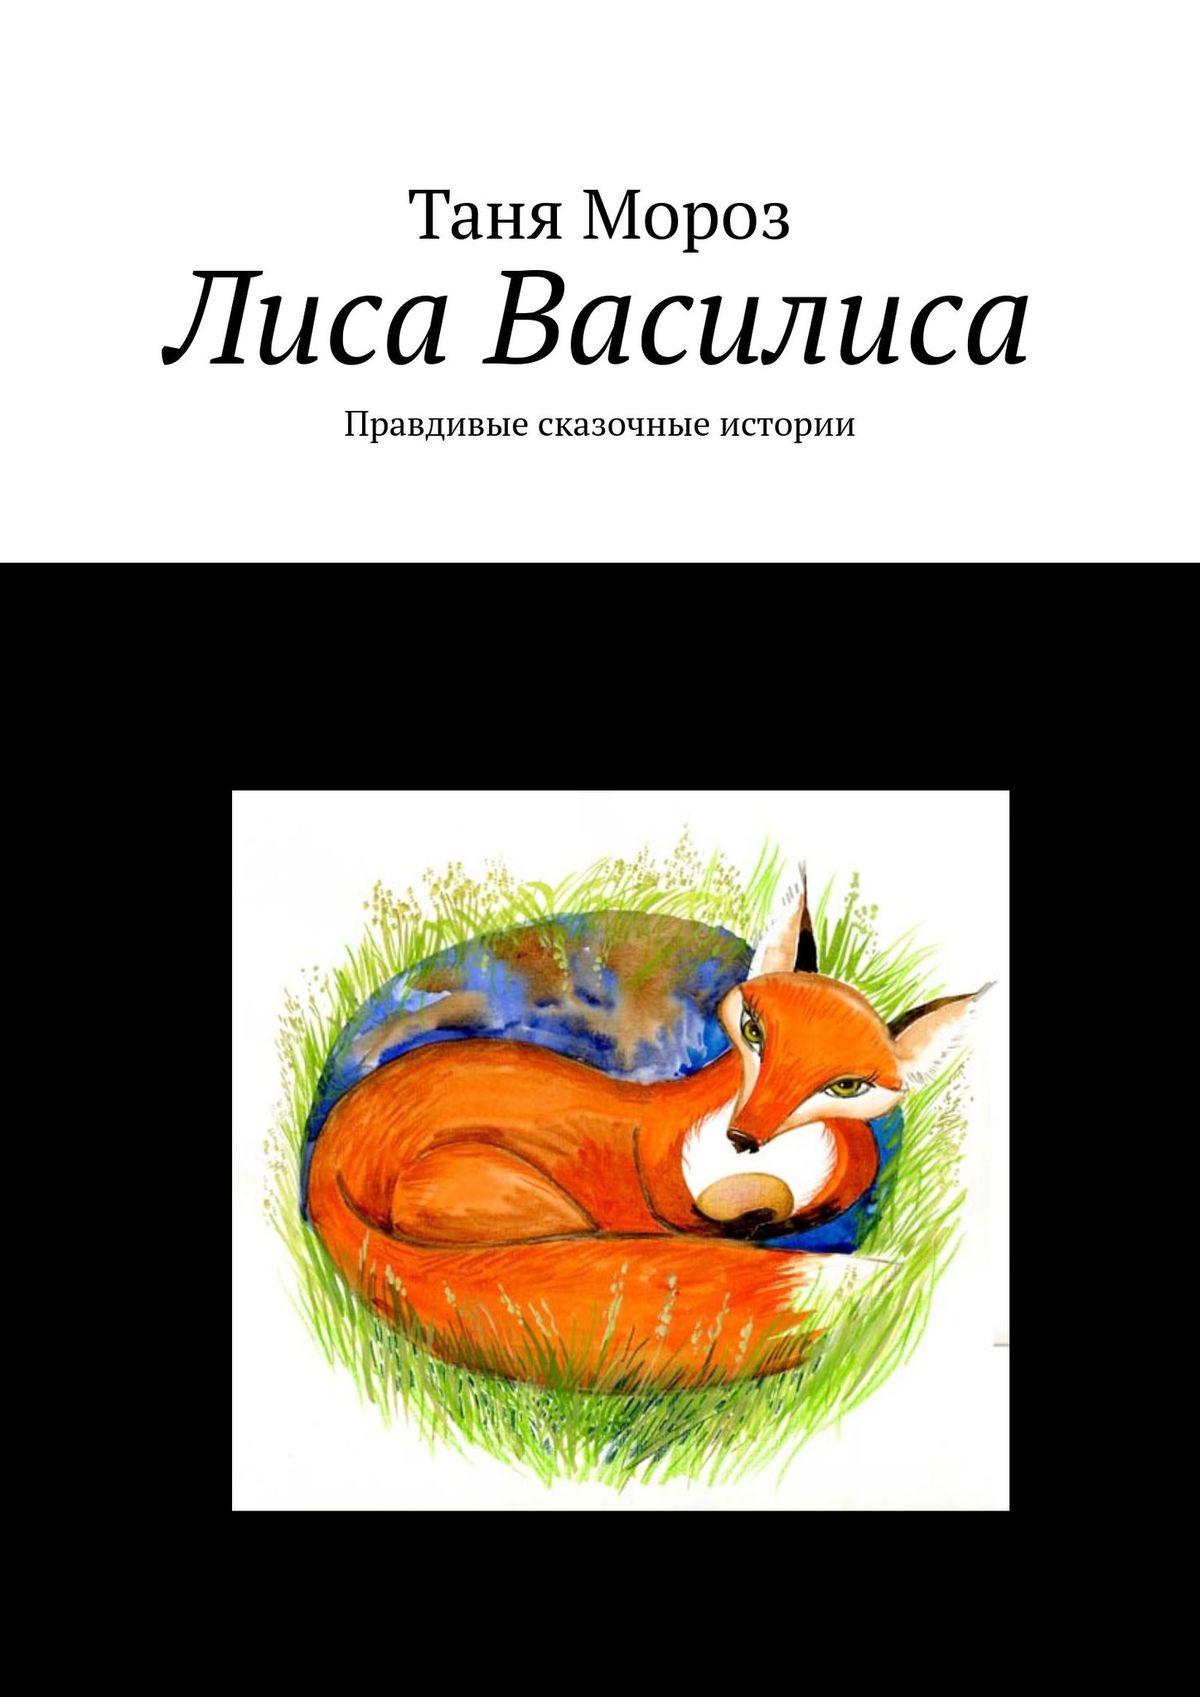 Лиса Василиса. Правдивые сказочные истории